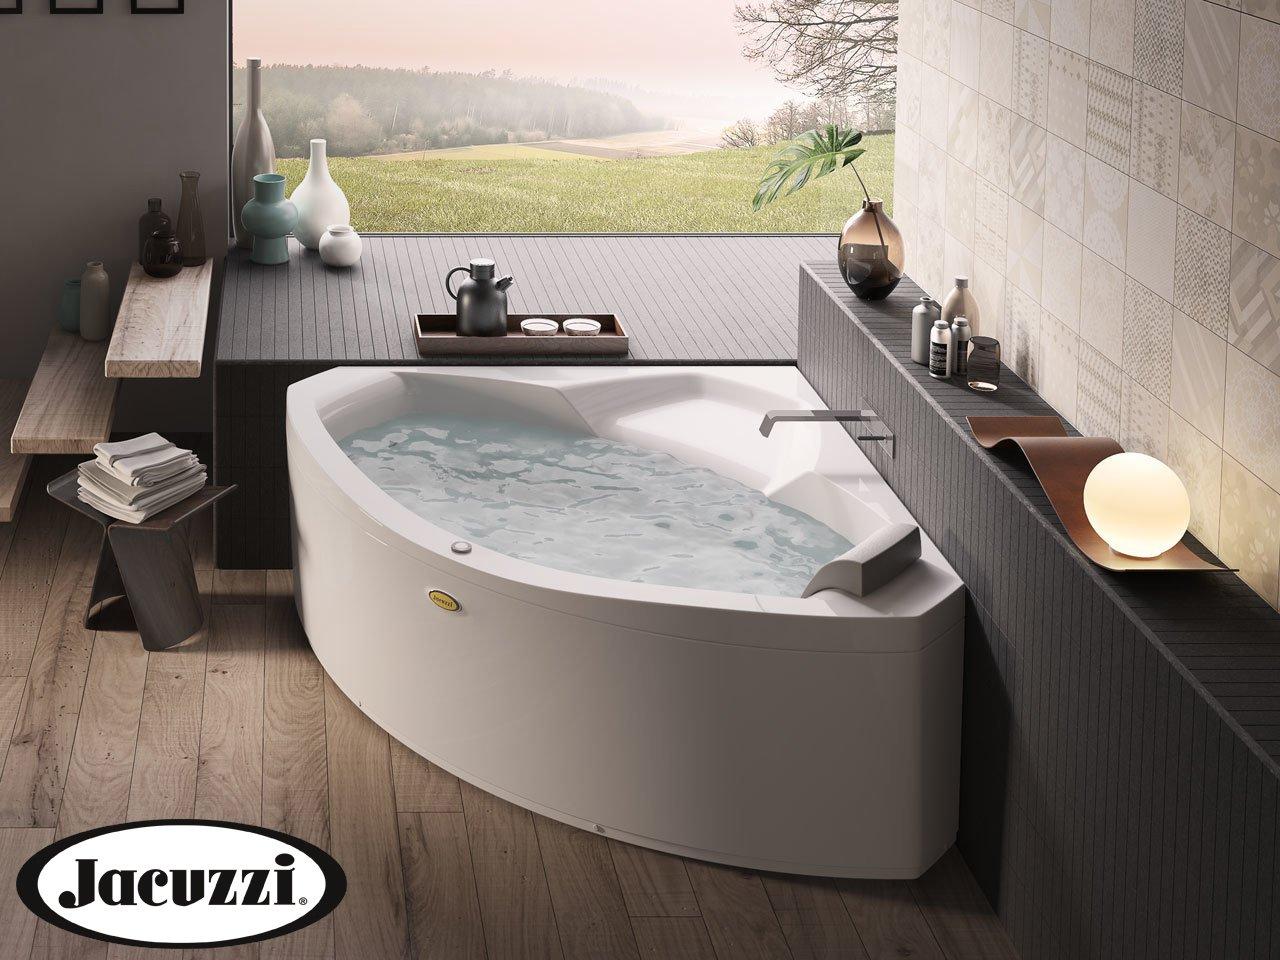 Jacuzzi vasca idro essential 130 145 iperceramica for Vasche da bagno jacuzzi